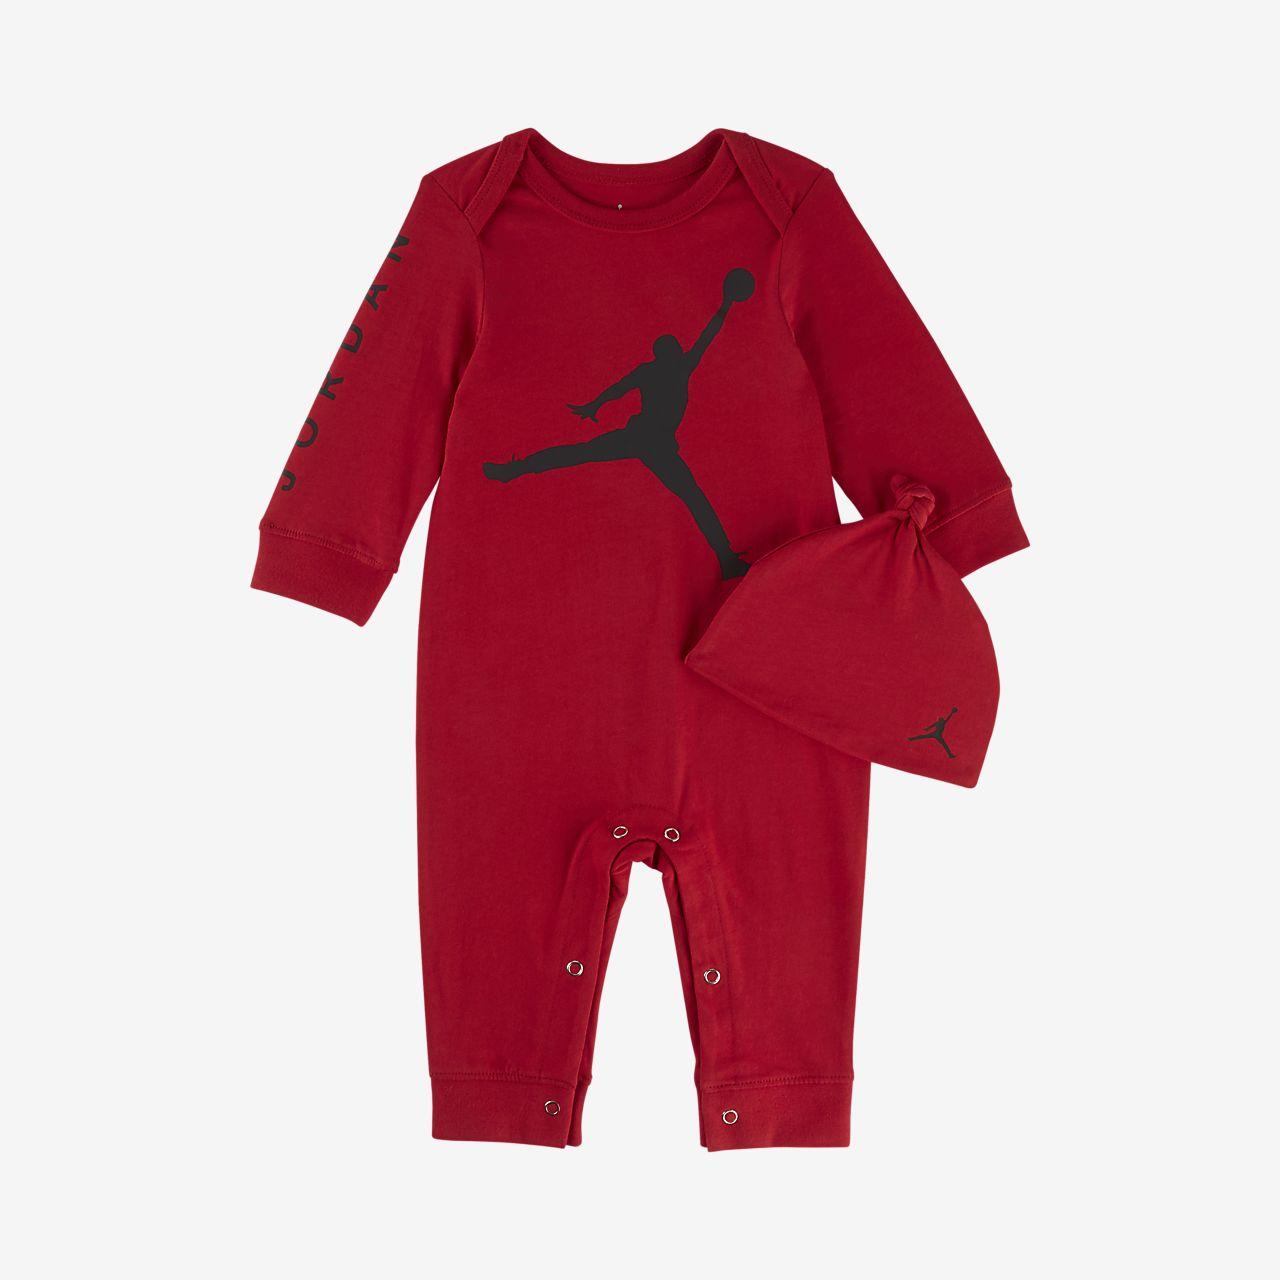 Jordan Infant Coverall